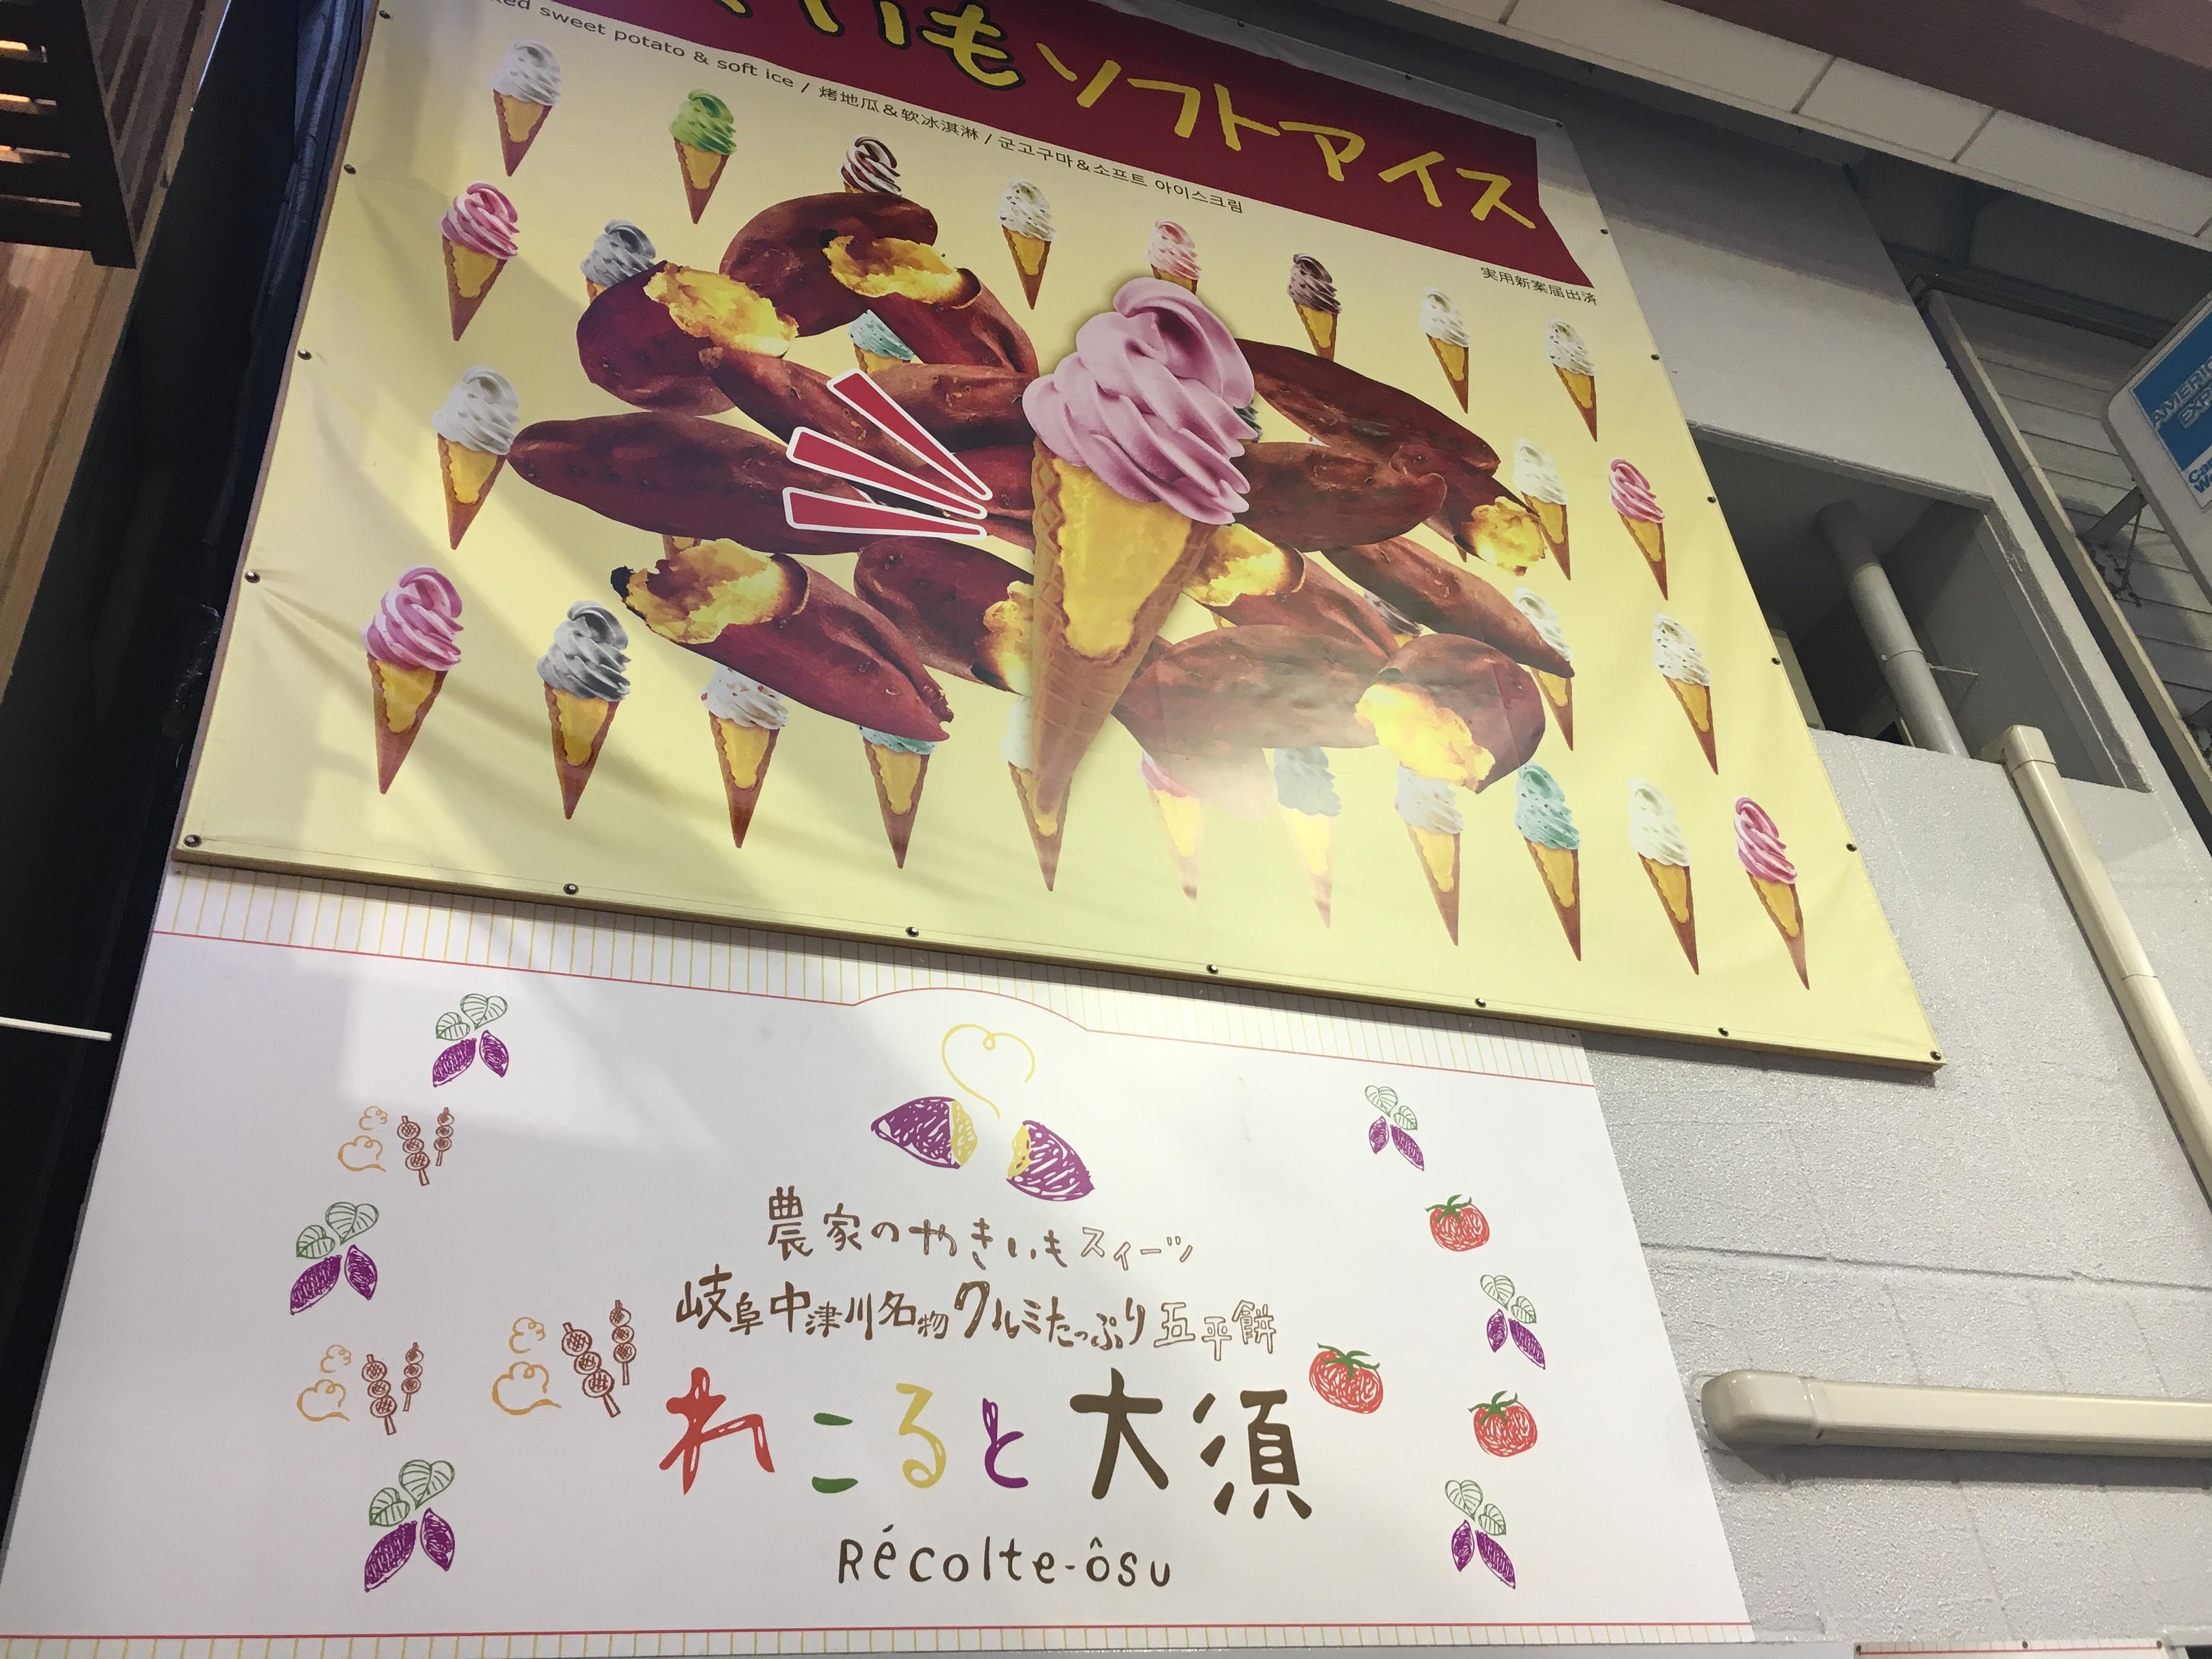 (大須)「れこると大須」は焼き芋が絶品!焼き芋ソフトクリームも美味しい!